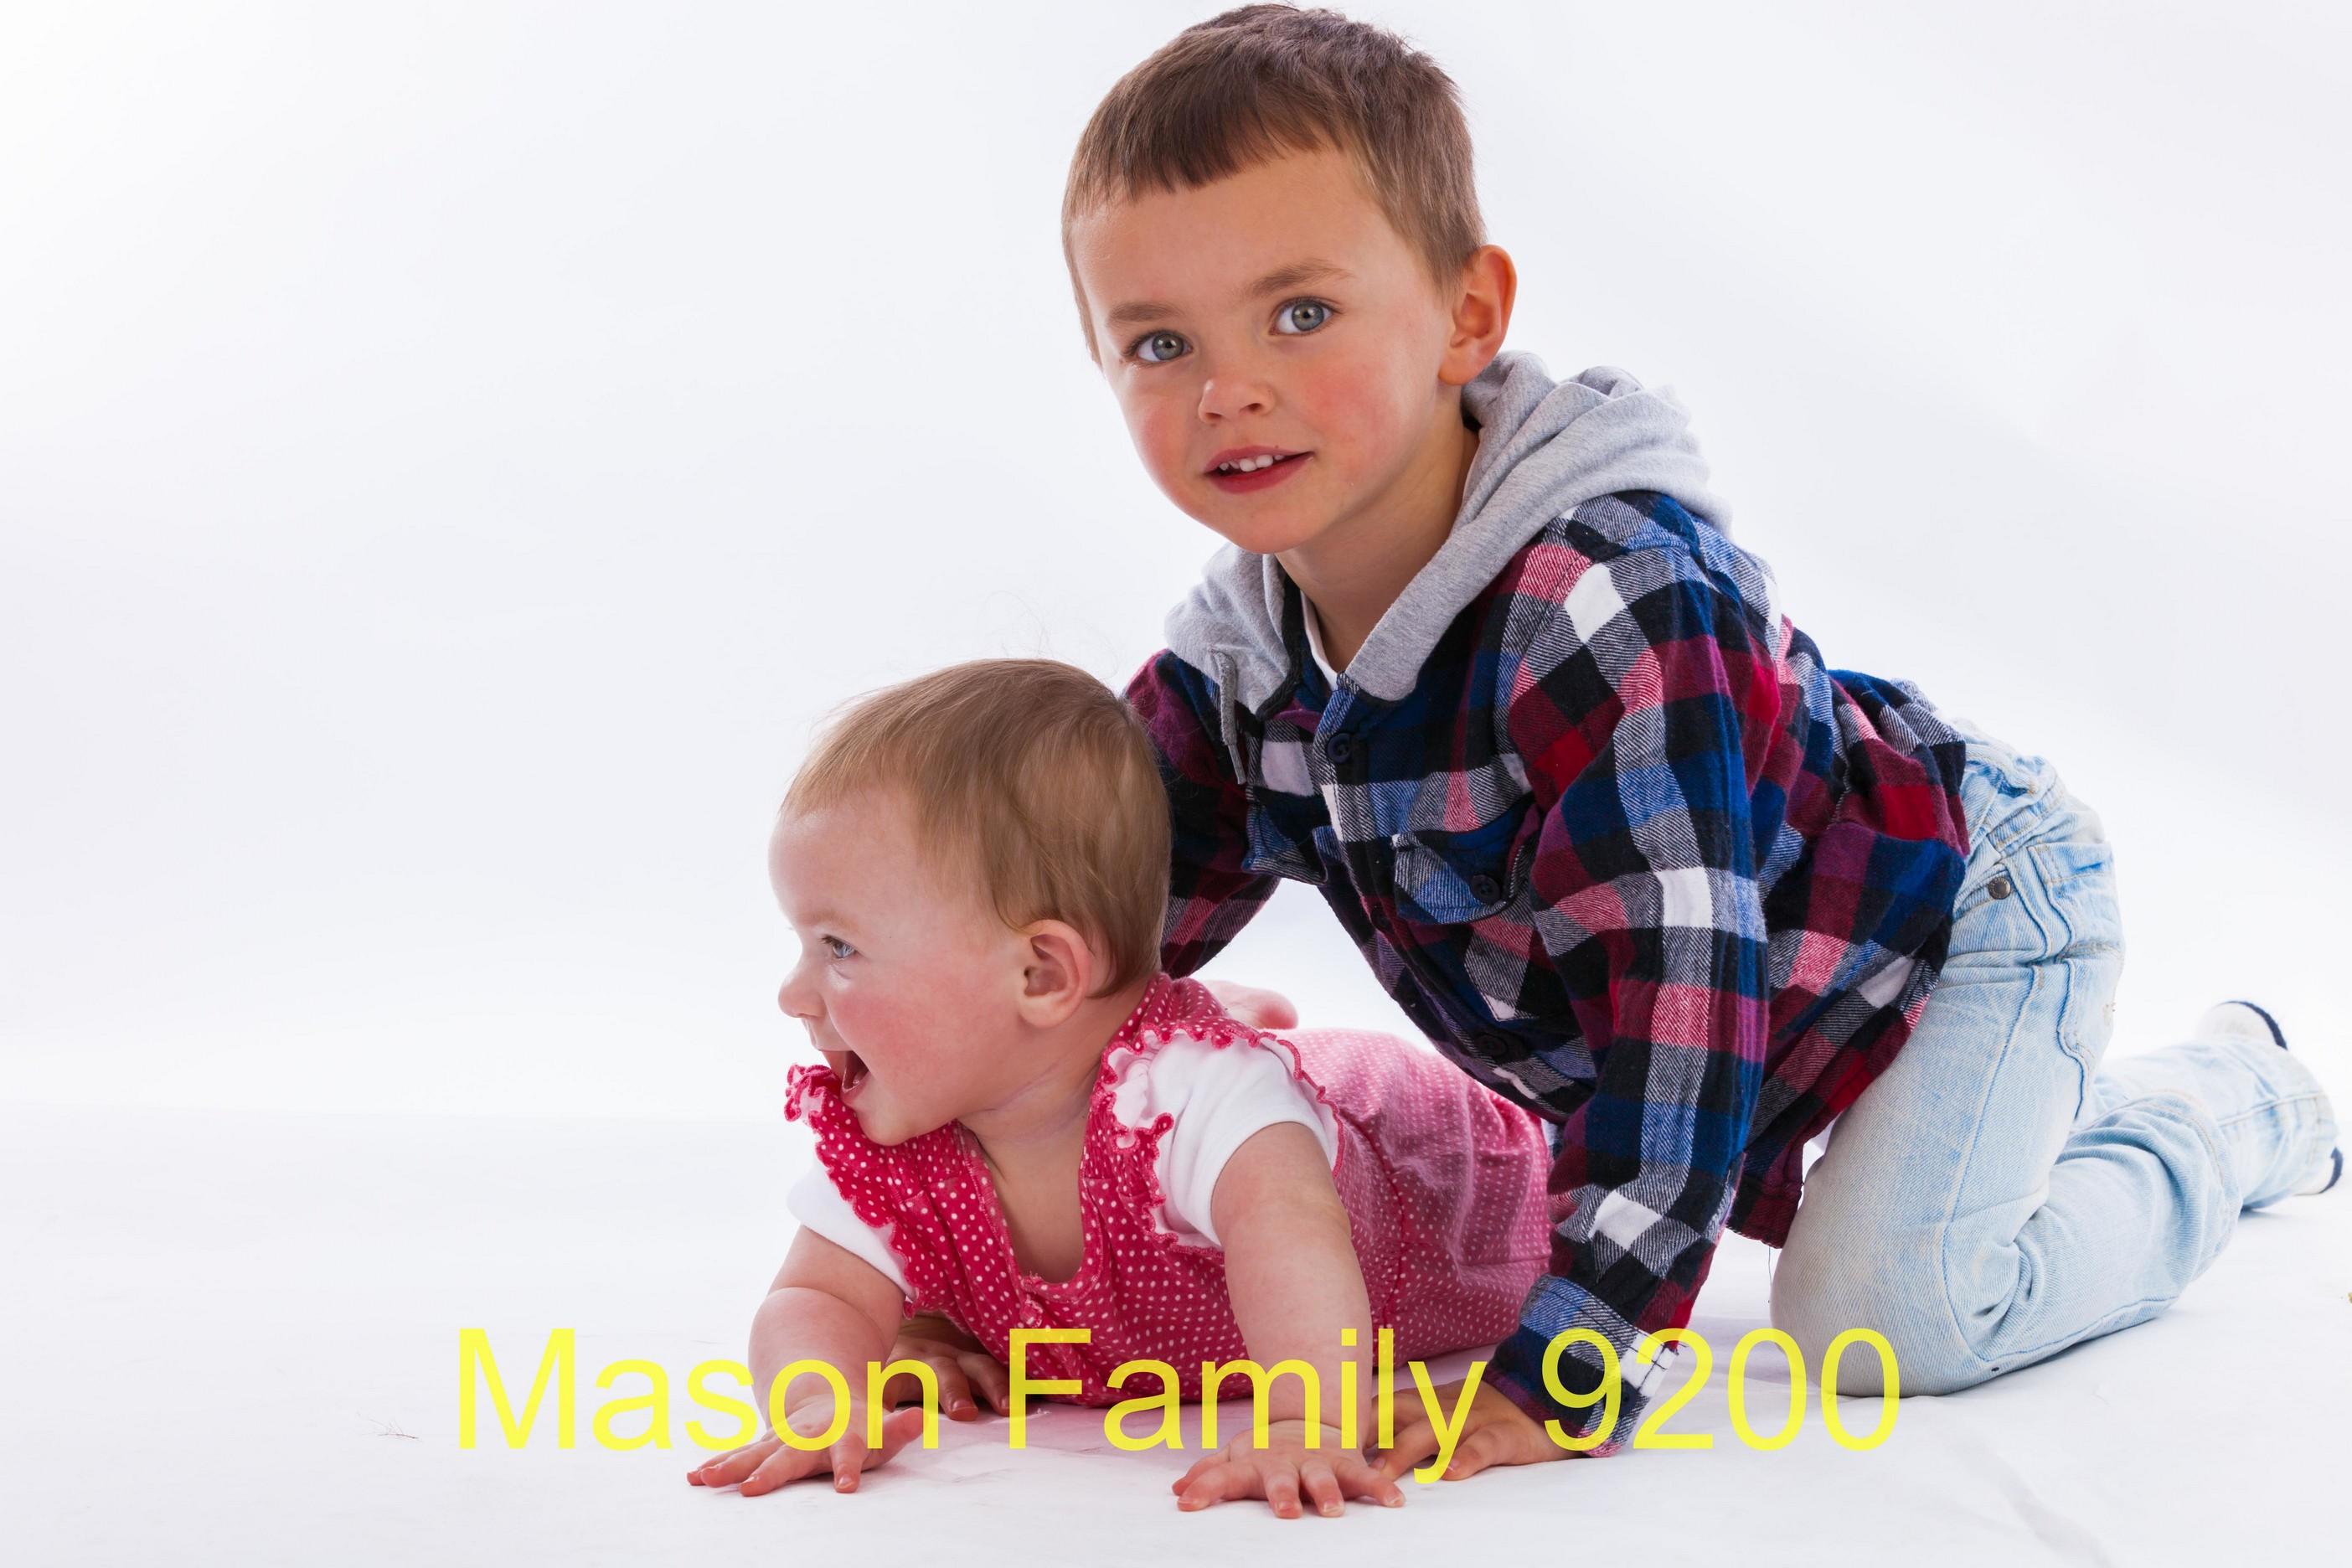 Mason Family 9200